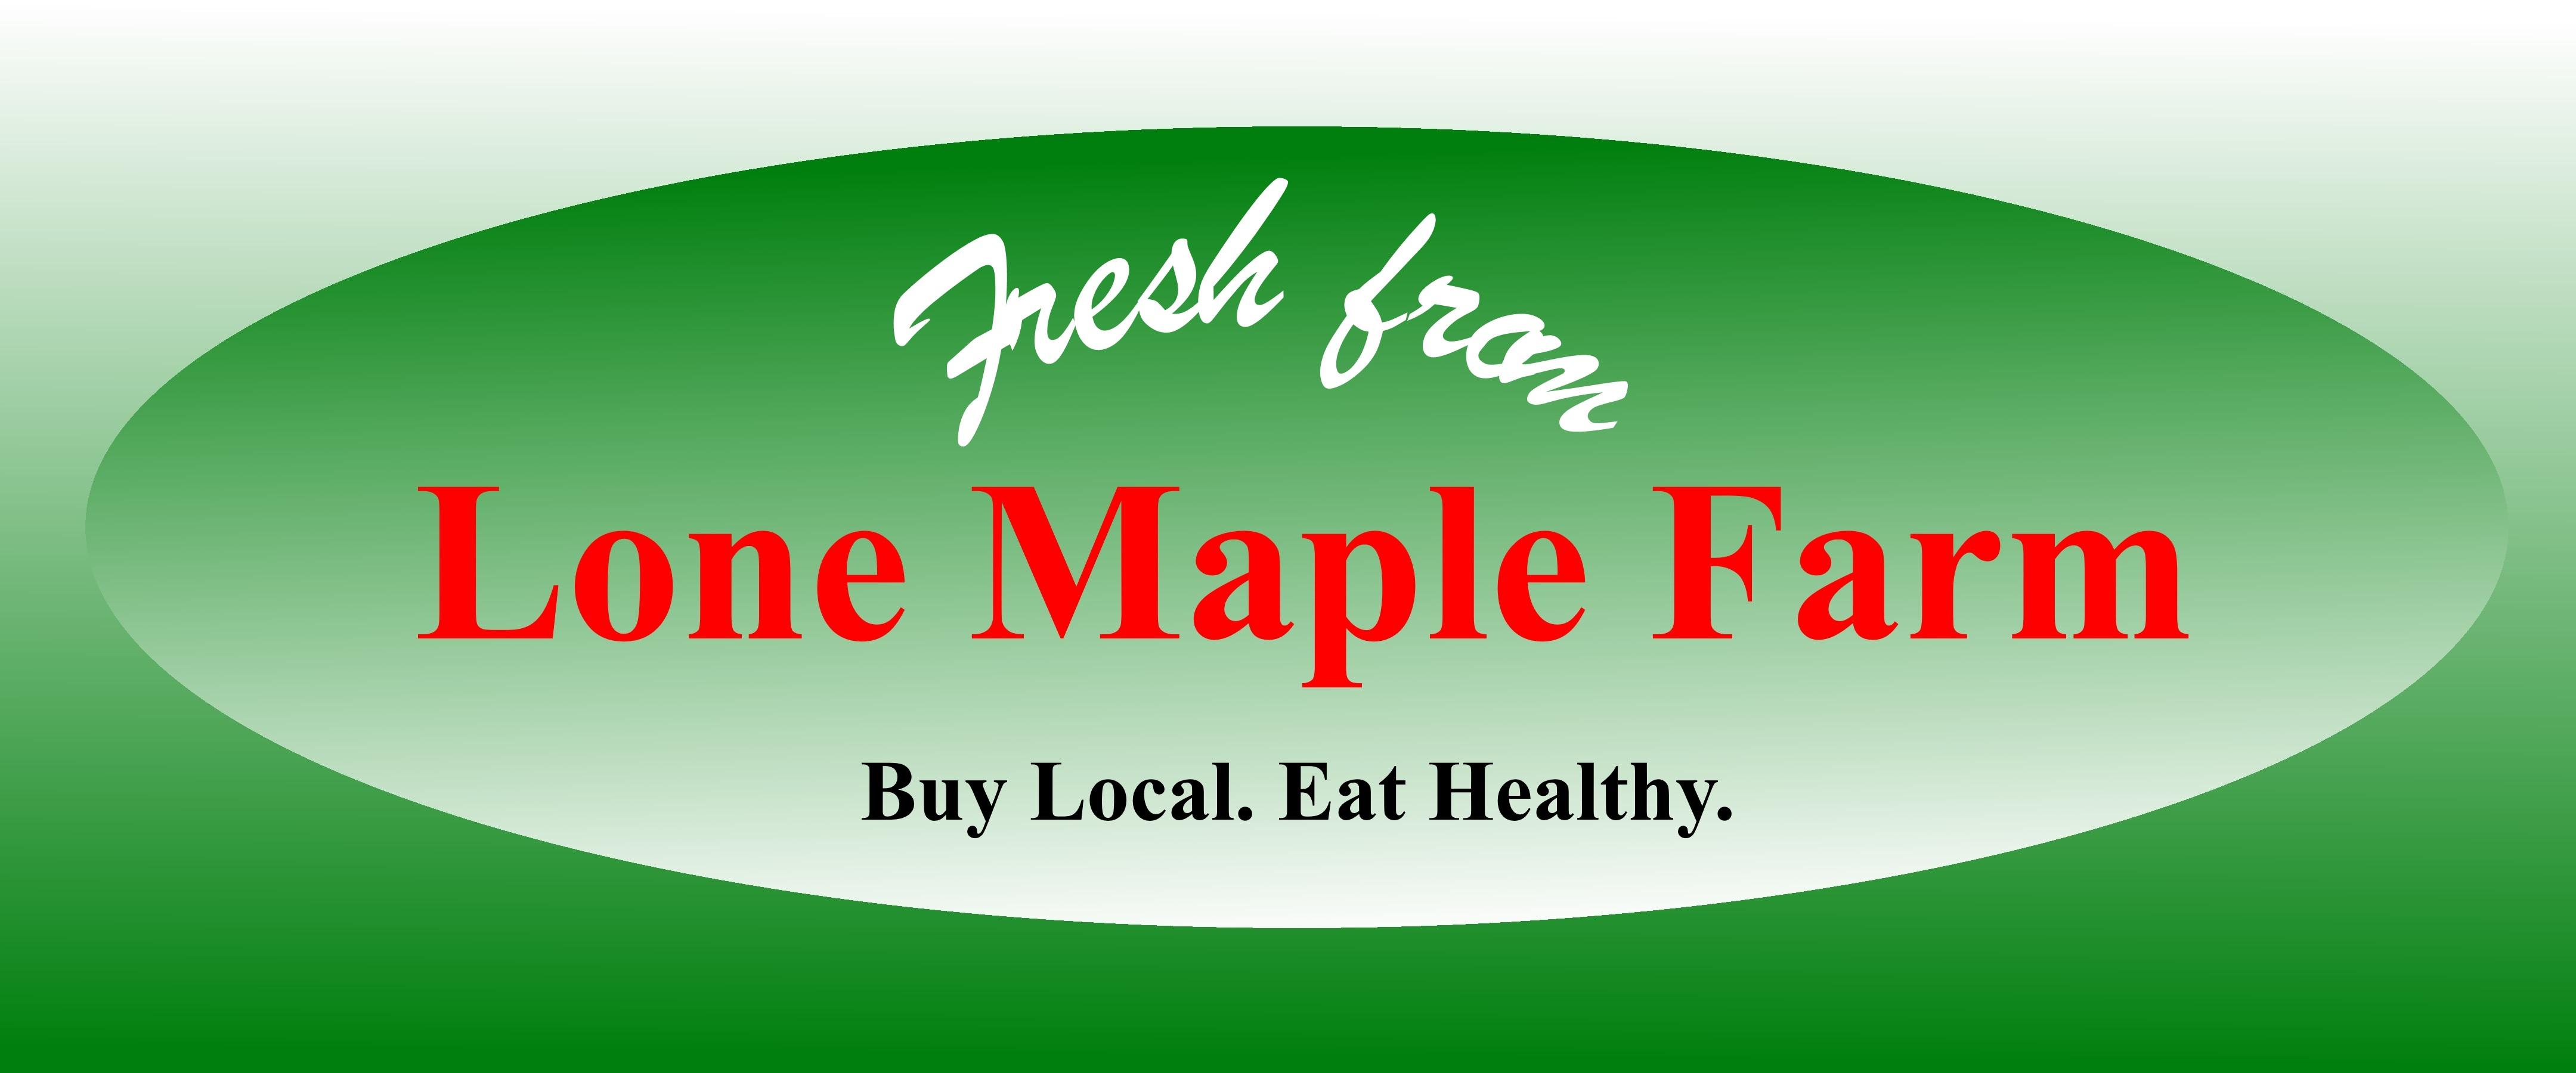 Lone Maple Farm, LLC